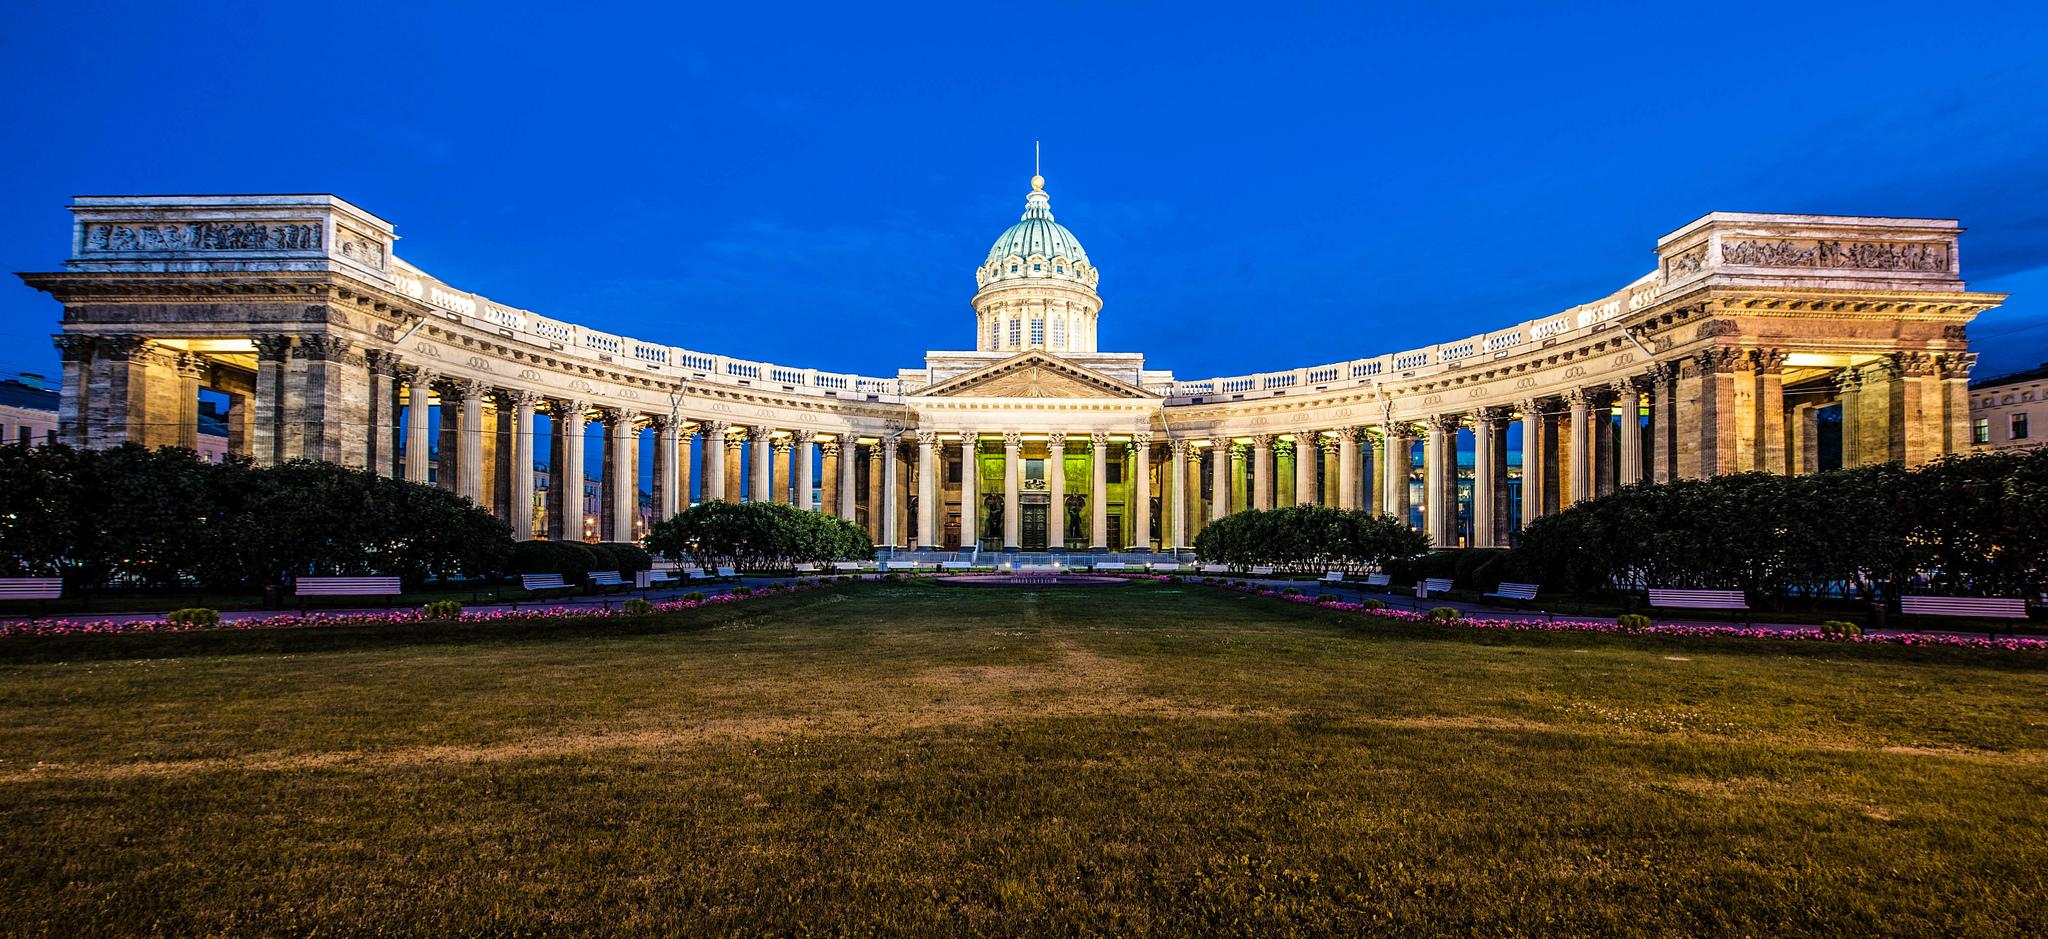 Цена на памятники санкт петербурга фото и Армавир памятники фото на могилу в соликамске